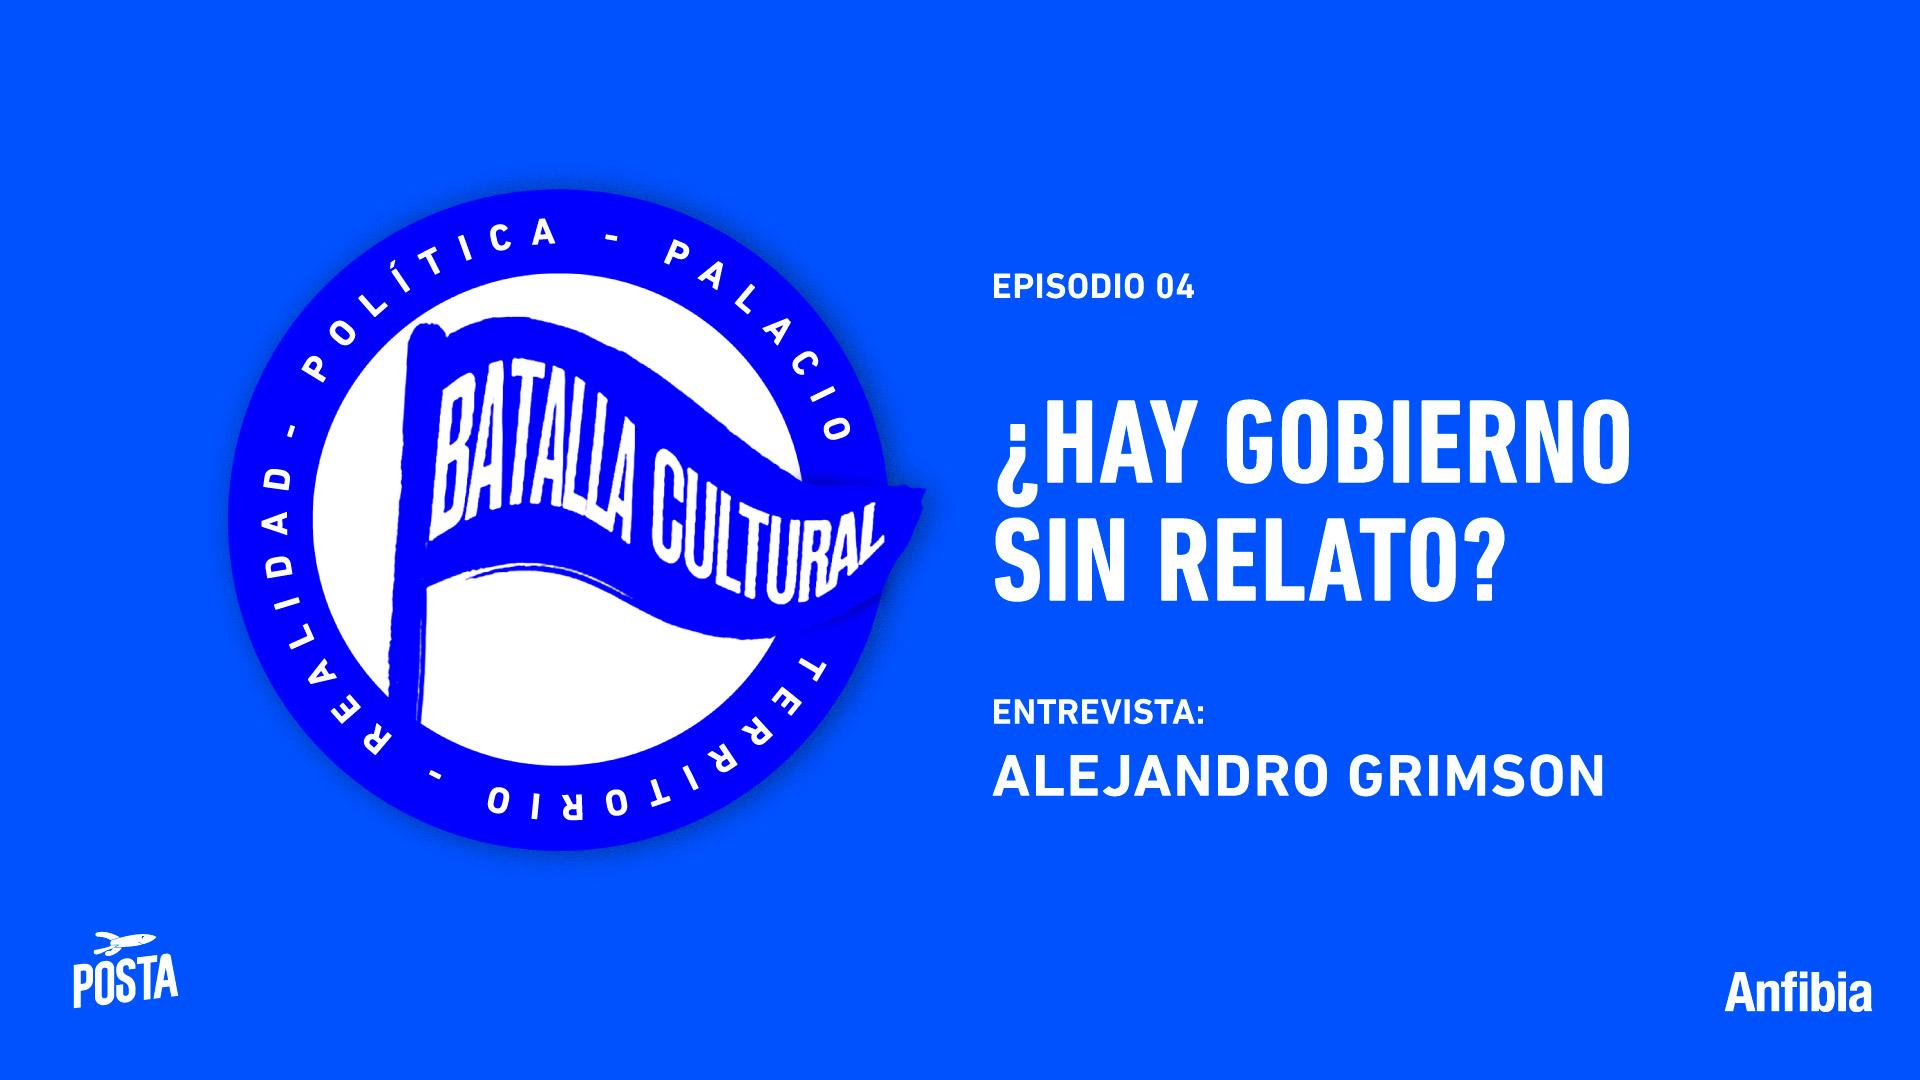 Batalla-Cultural_episodio_04_01